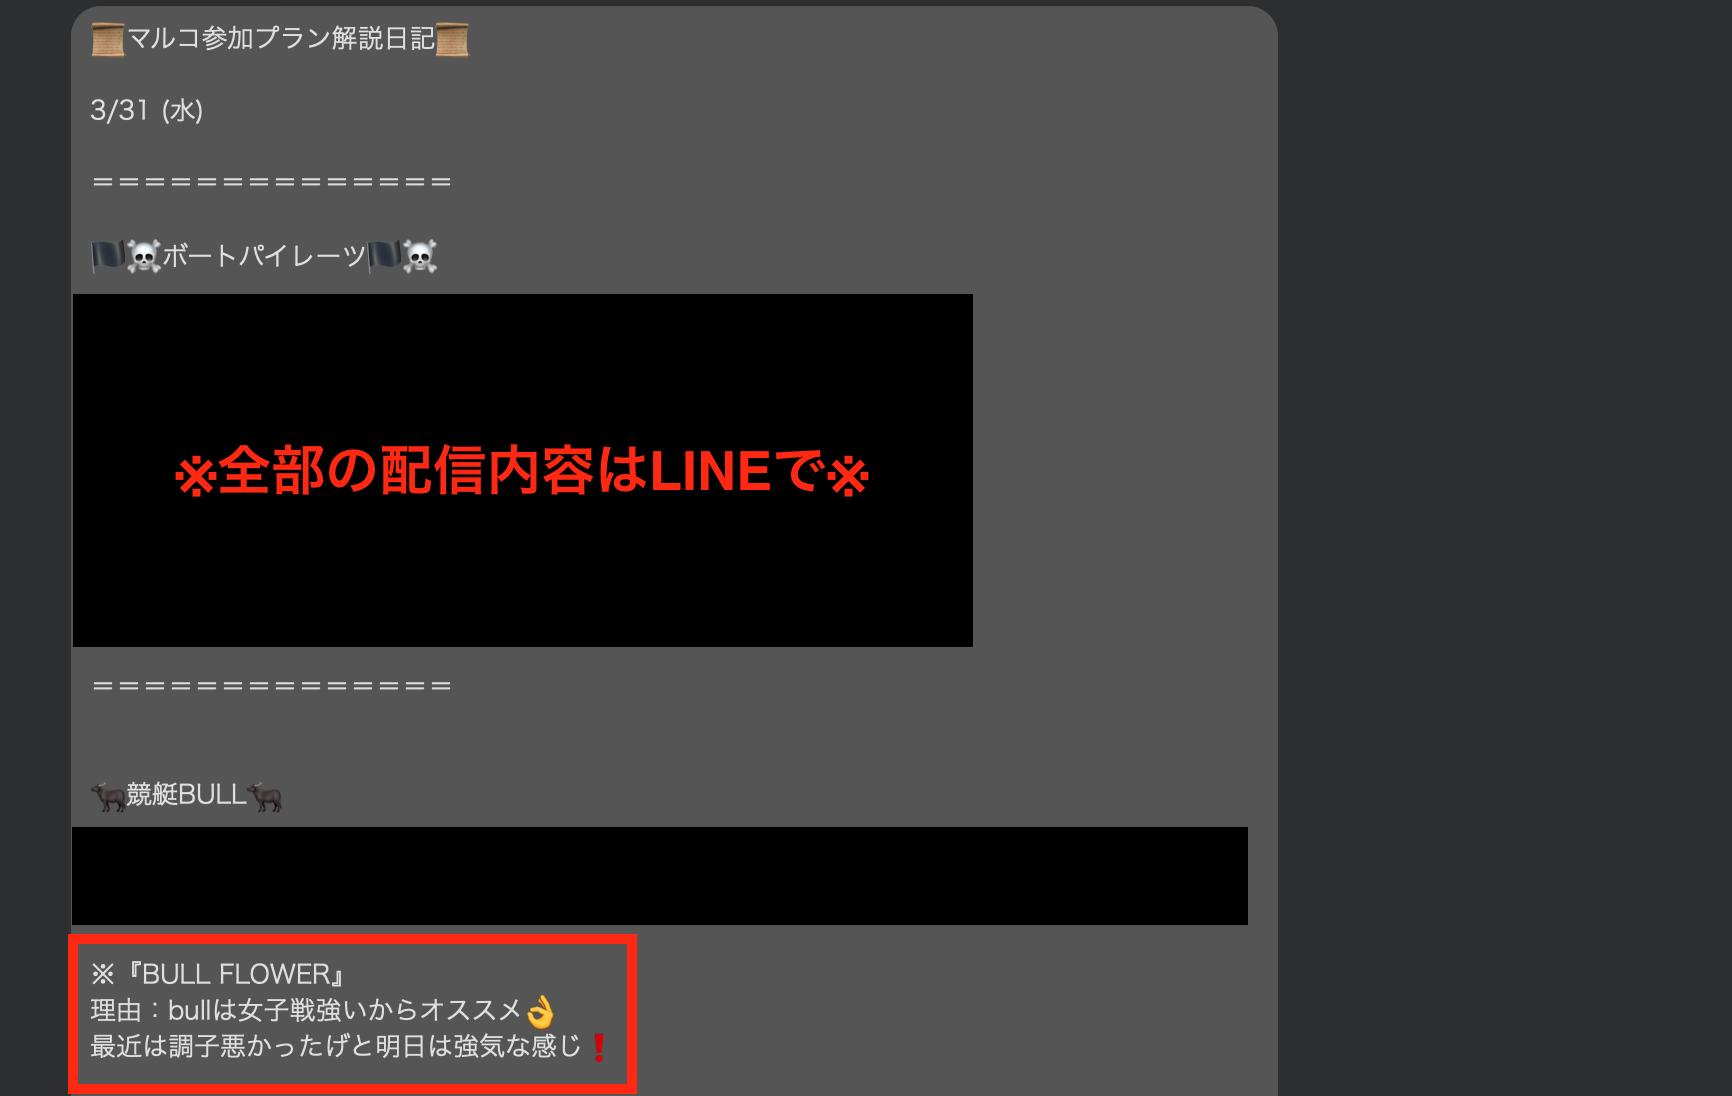 マルコの公式LINE配信メッセージ